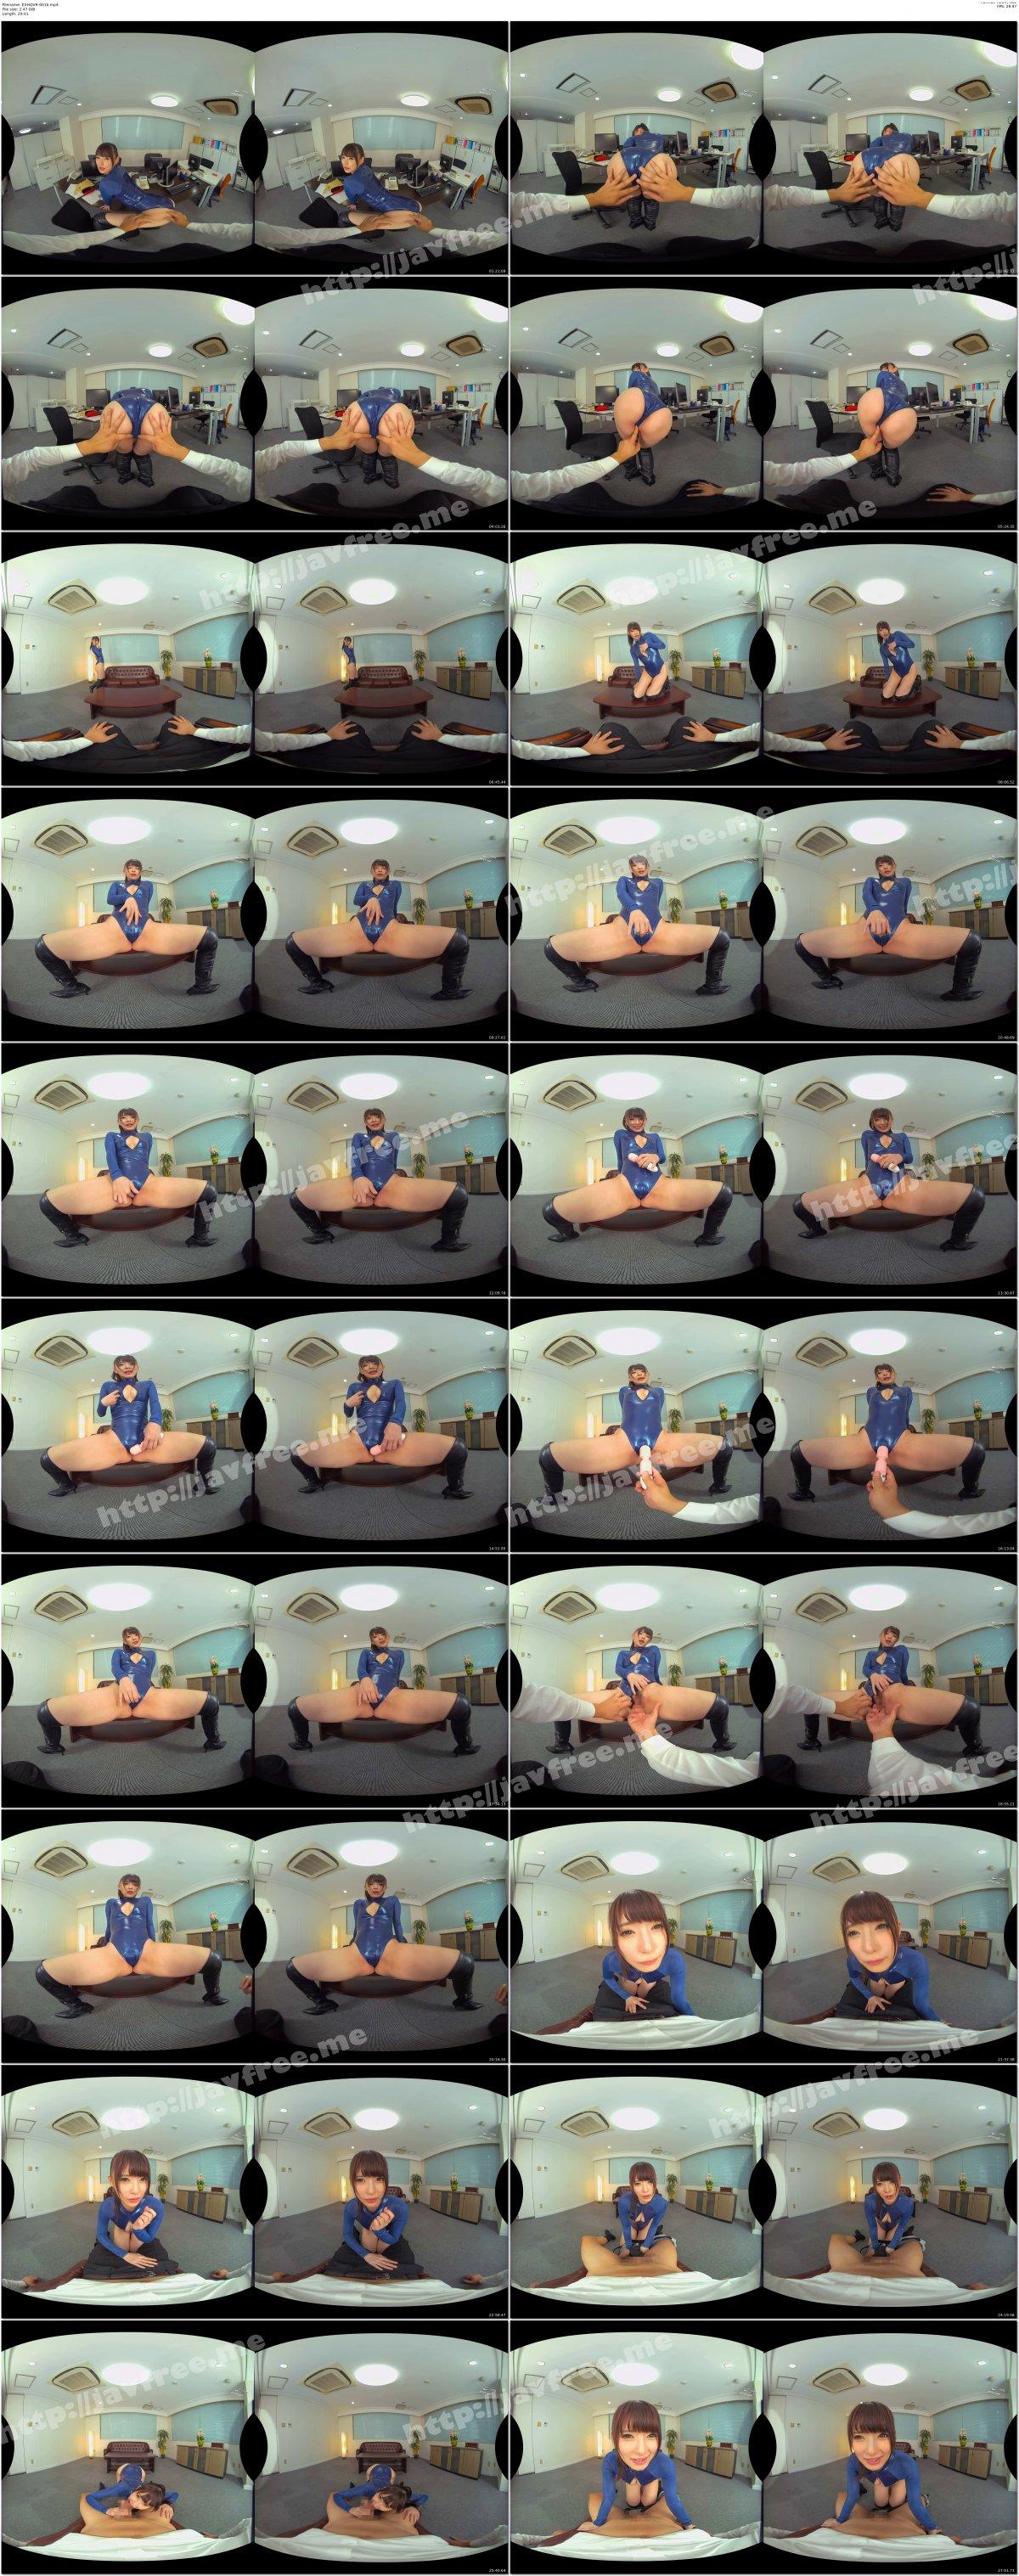 [EXHQVR-001] 【VR】魅惑のフロントジッパー水着VR 波木はるか メガネをかけたら突然!! 例の水着とブーツの性癖ドストライク美女が目の前に! - image EXHQVR-001b on https://javfree.me